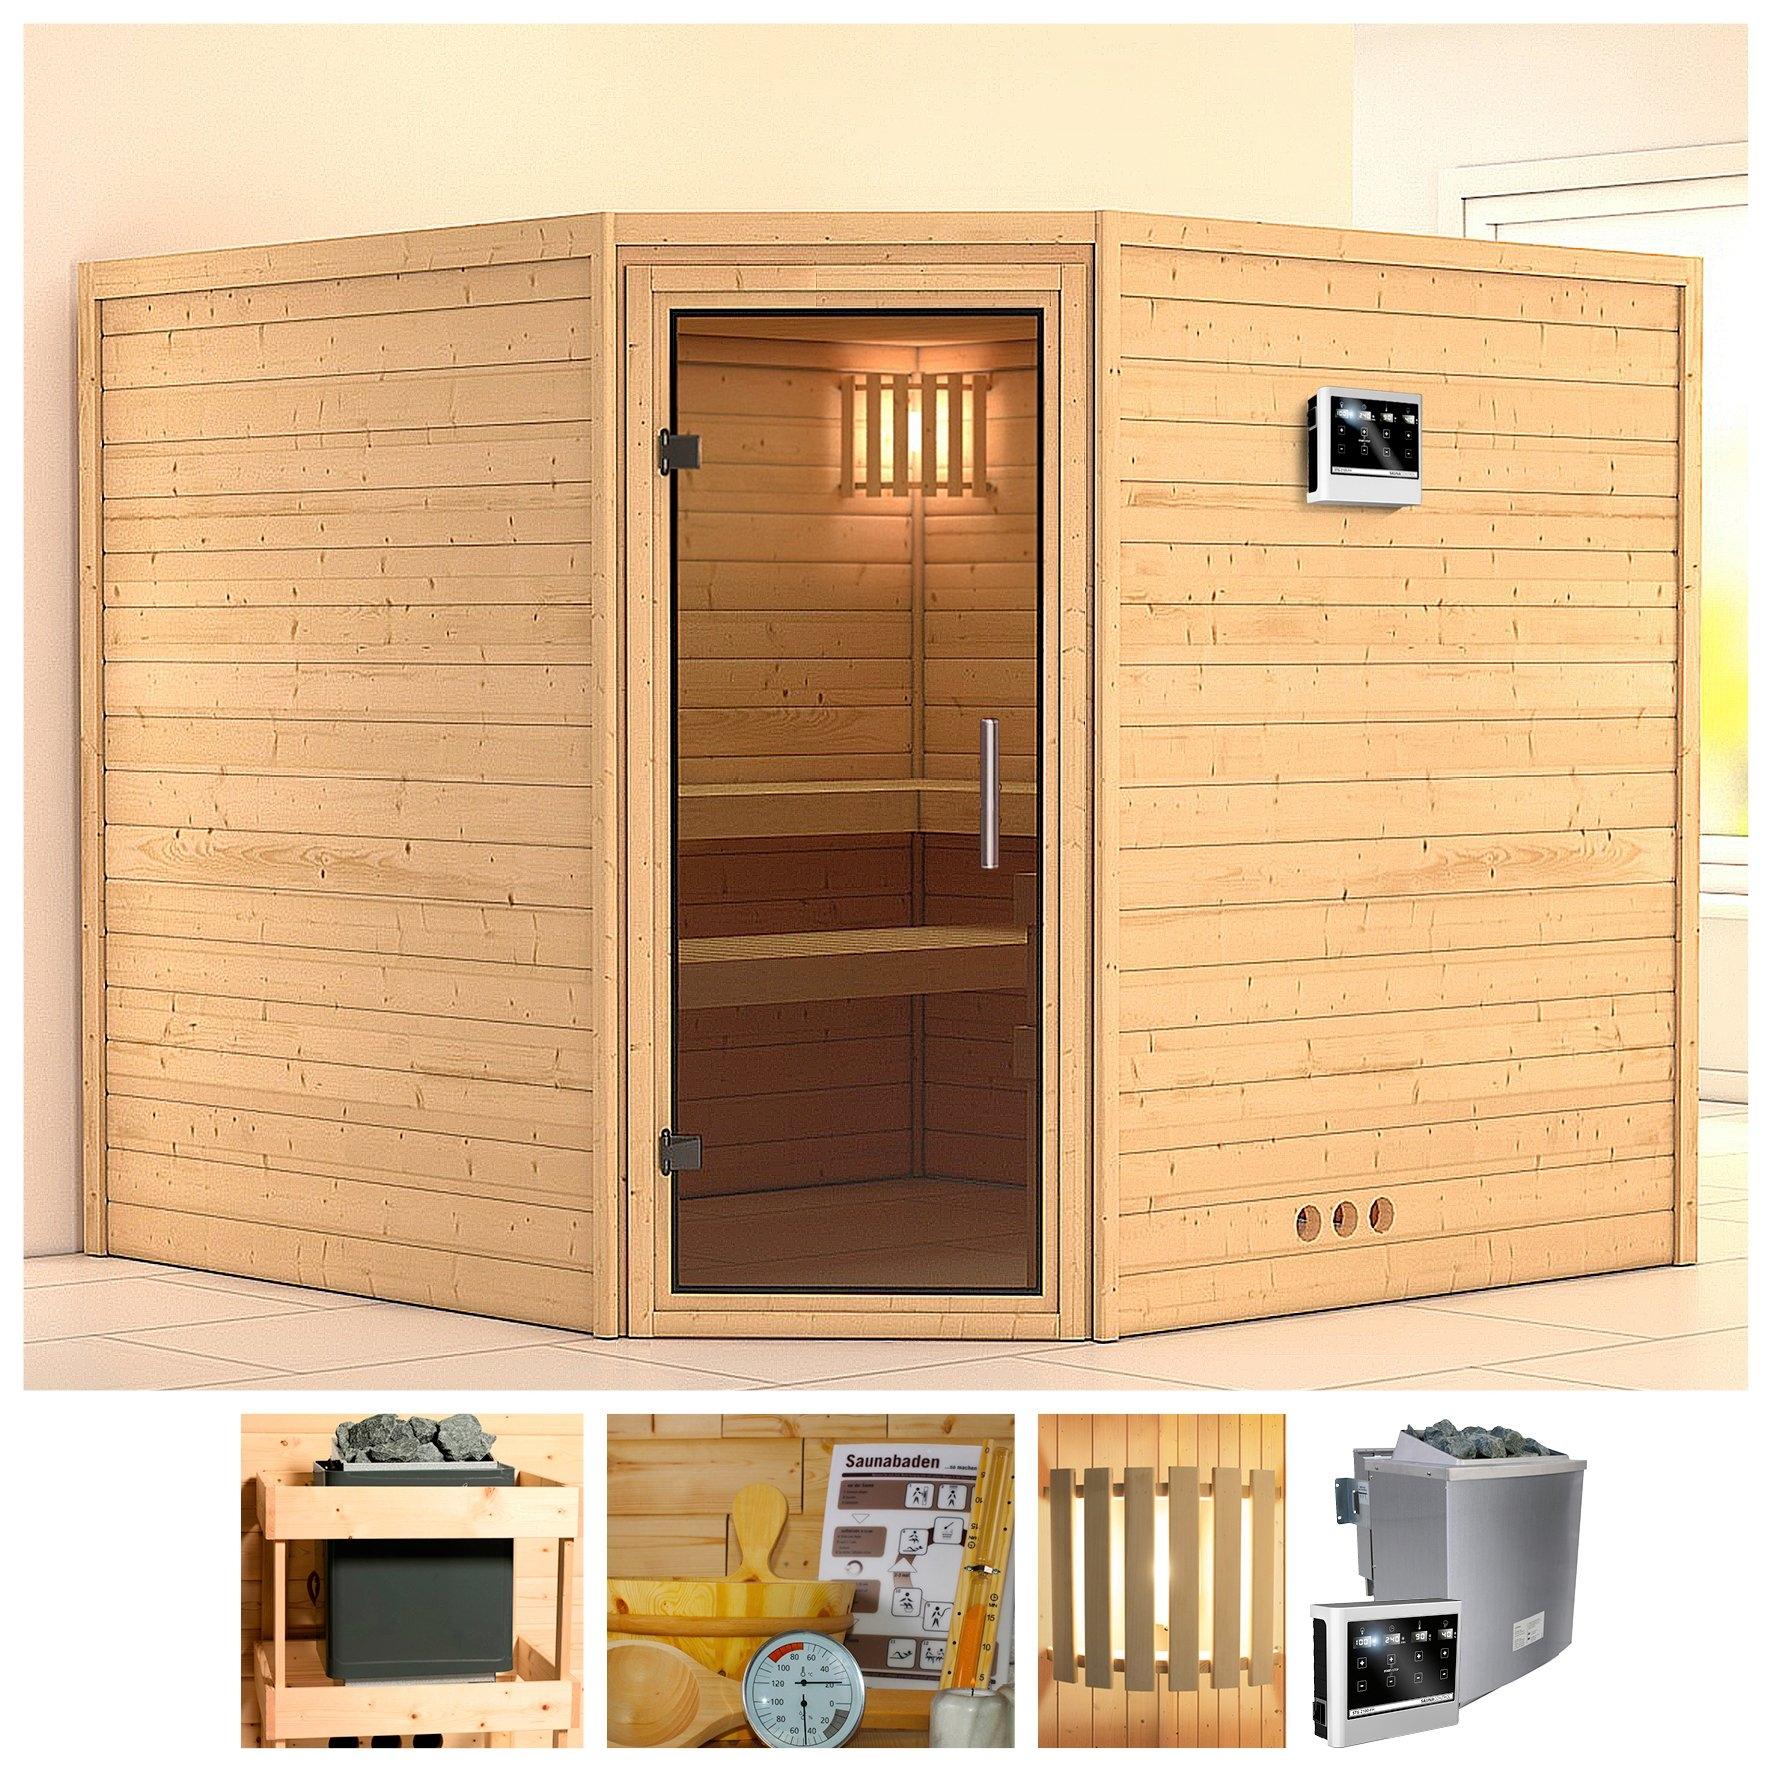 Konifera sauna »Leona«, 231/231/200 cm, 9-kW-Bio-Ofen mit ext. Strg., Glastür grafit nu online bestellen